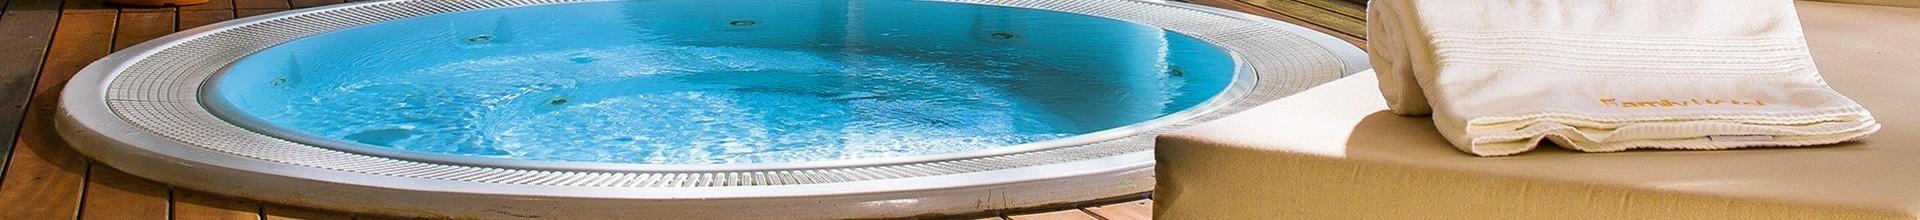 Vente spa en ligne direct fabricant, produit français Pays : Belgique